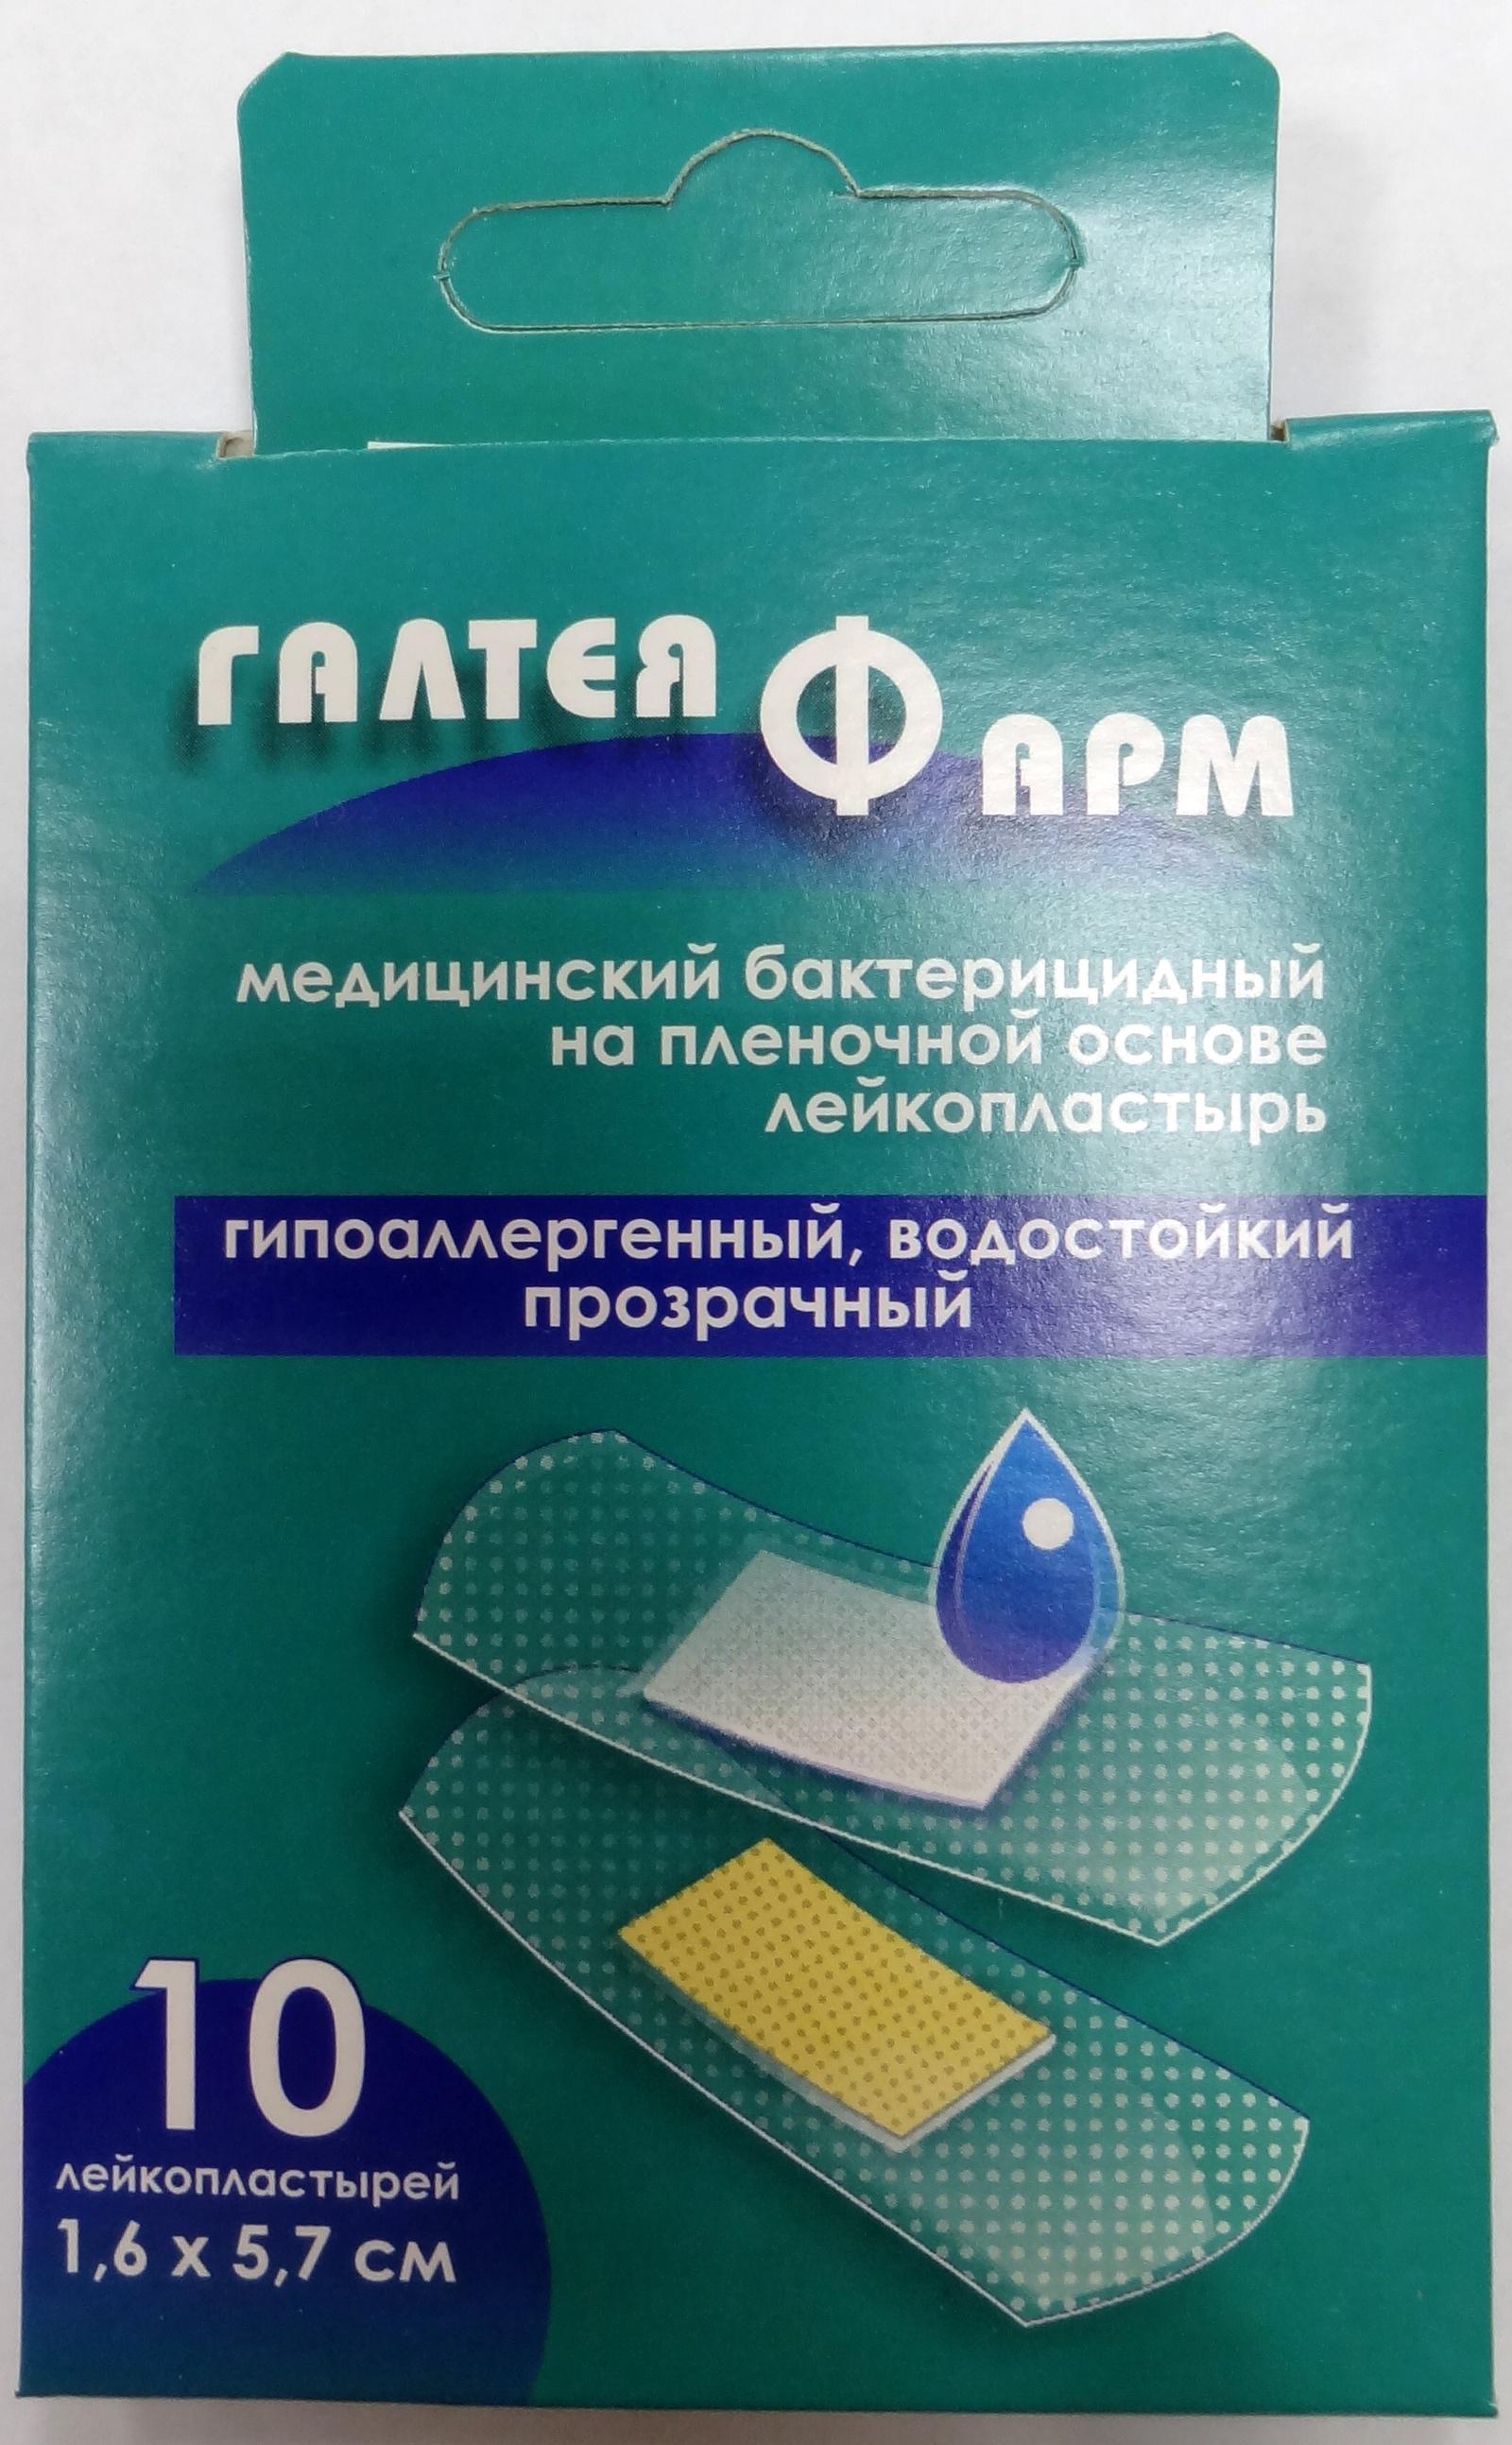 мясной тарелки пластырь прозрачный фото ремонте пластиковых бамперов